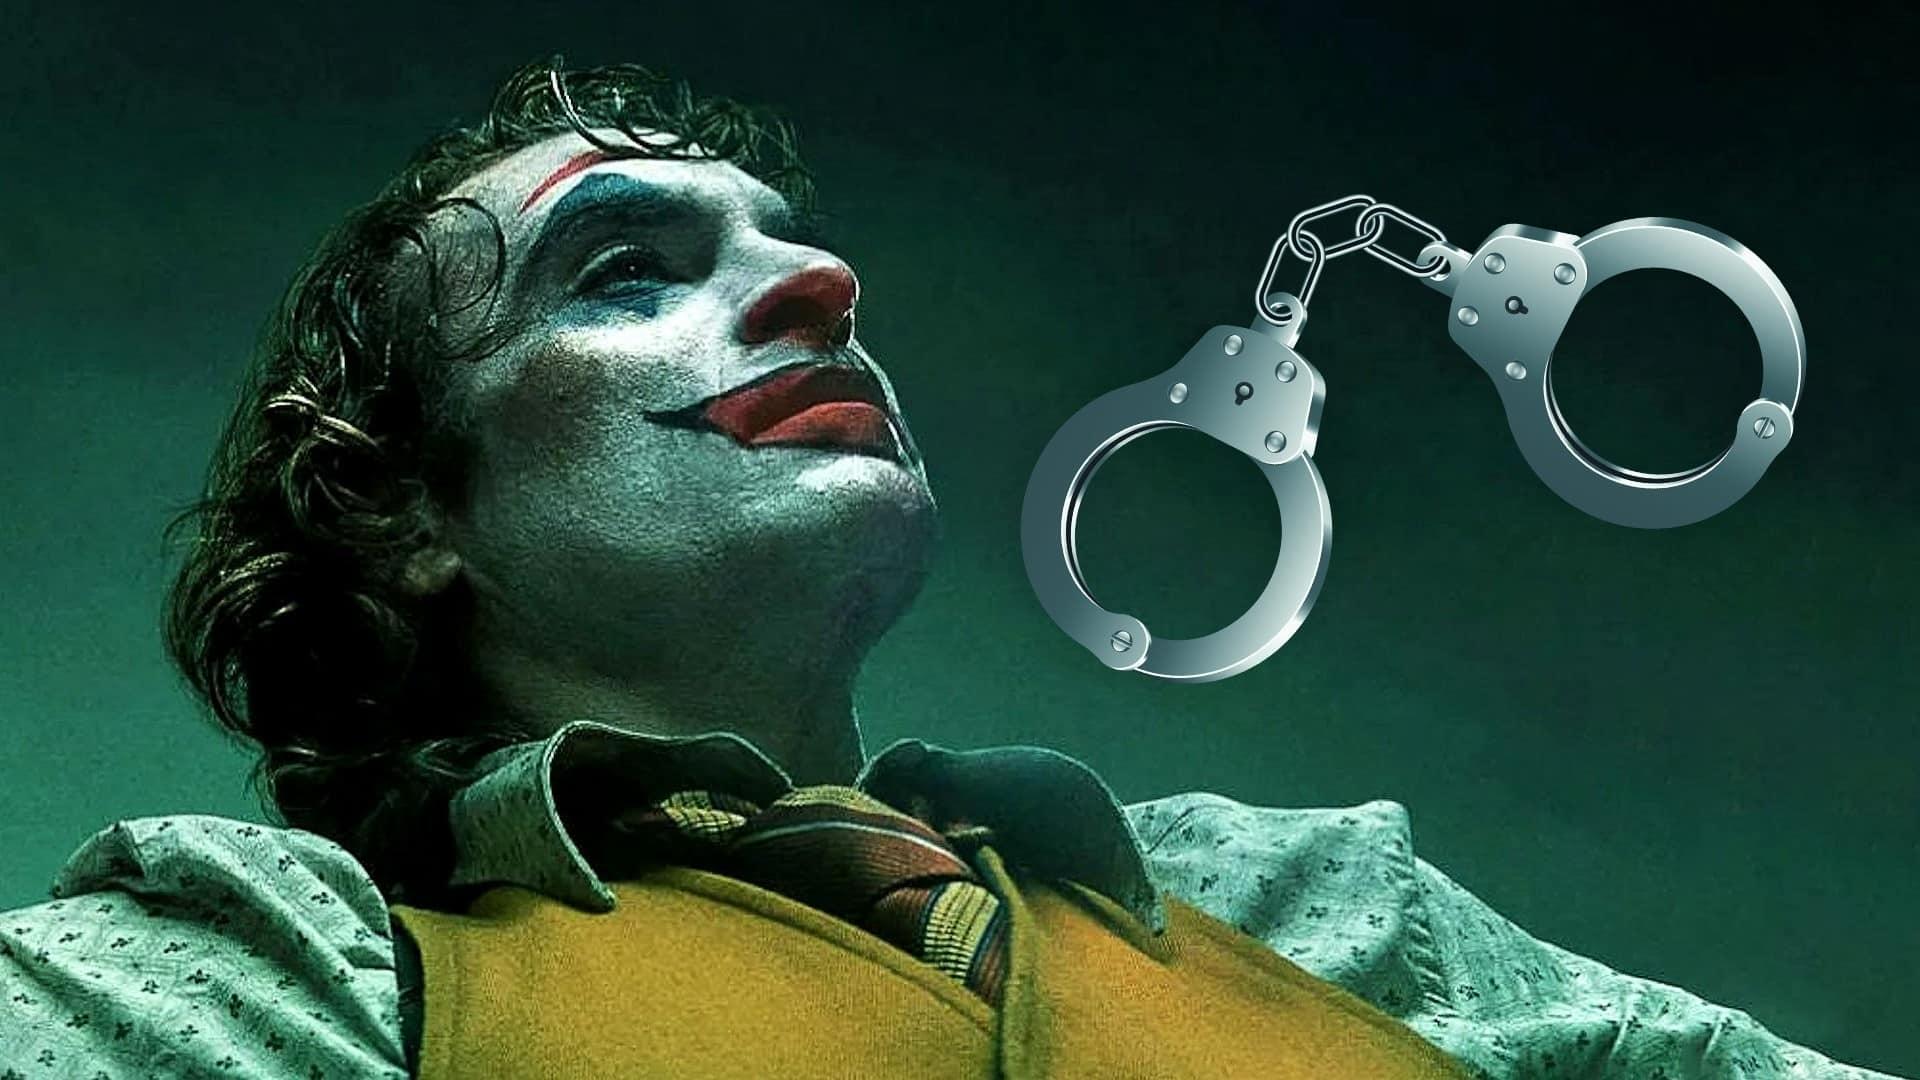 herec z filmu joker